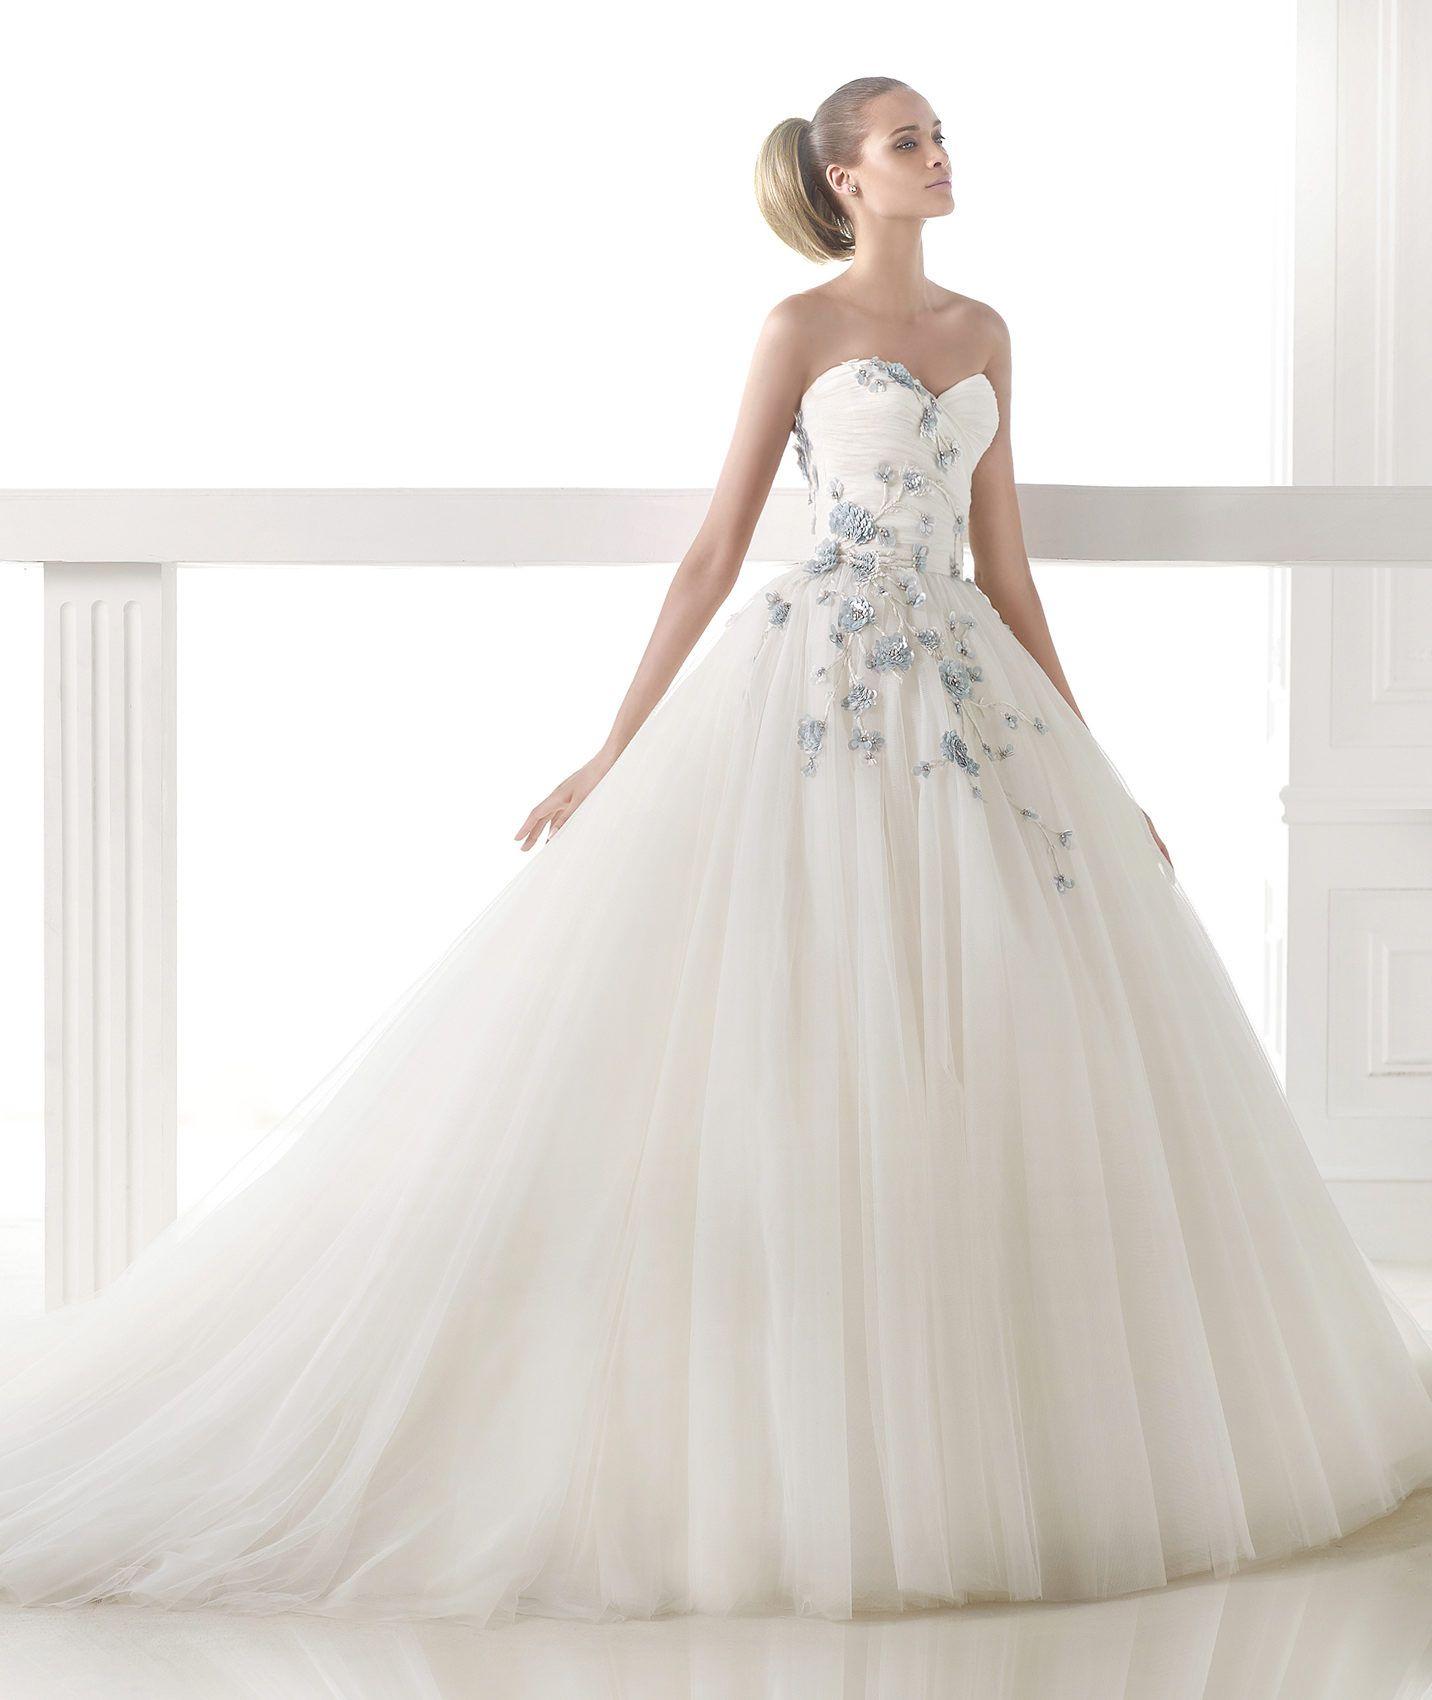 CERELIA - Princess wedding dress. Collection Wedding Dresses 2015 ATELIER | Pronovias